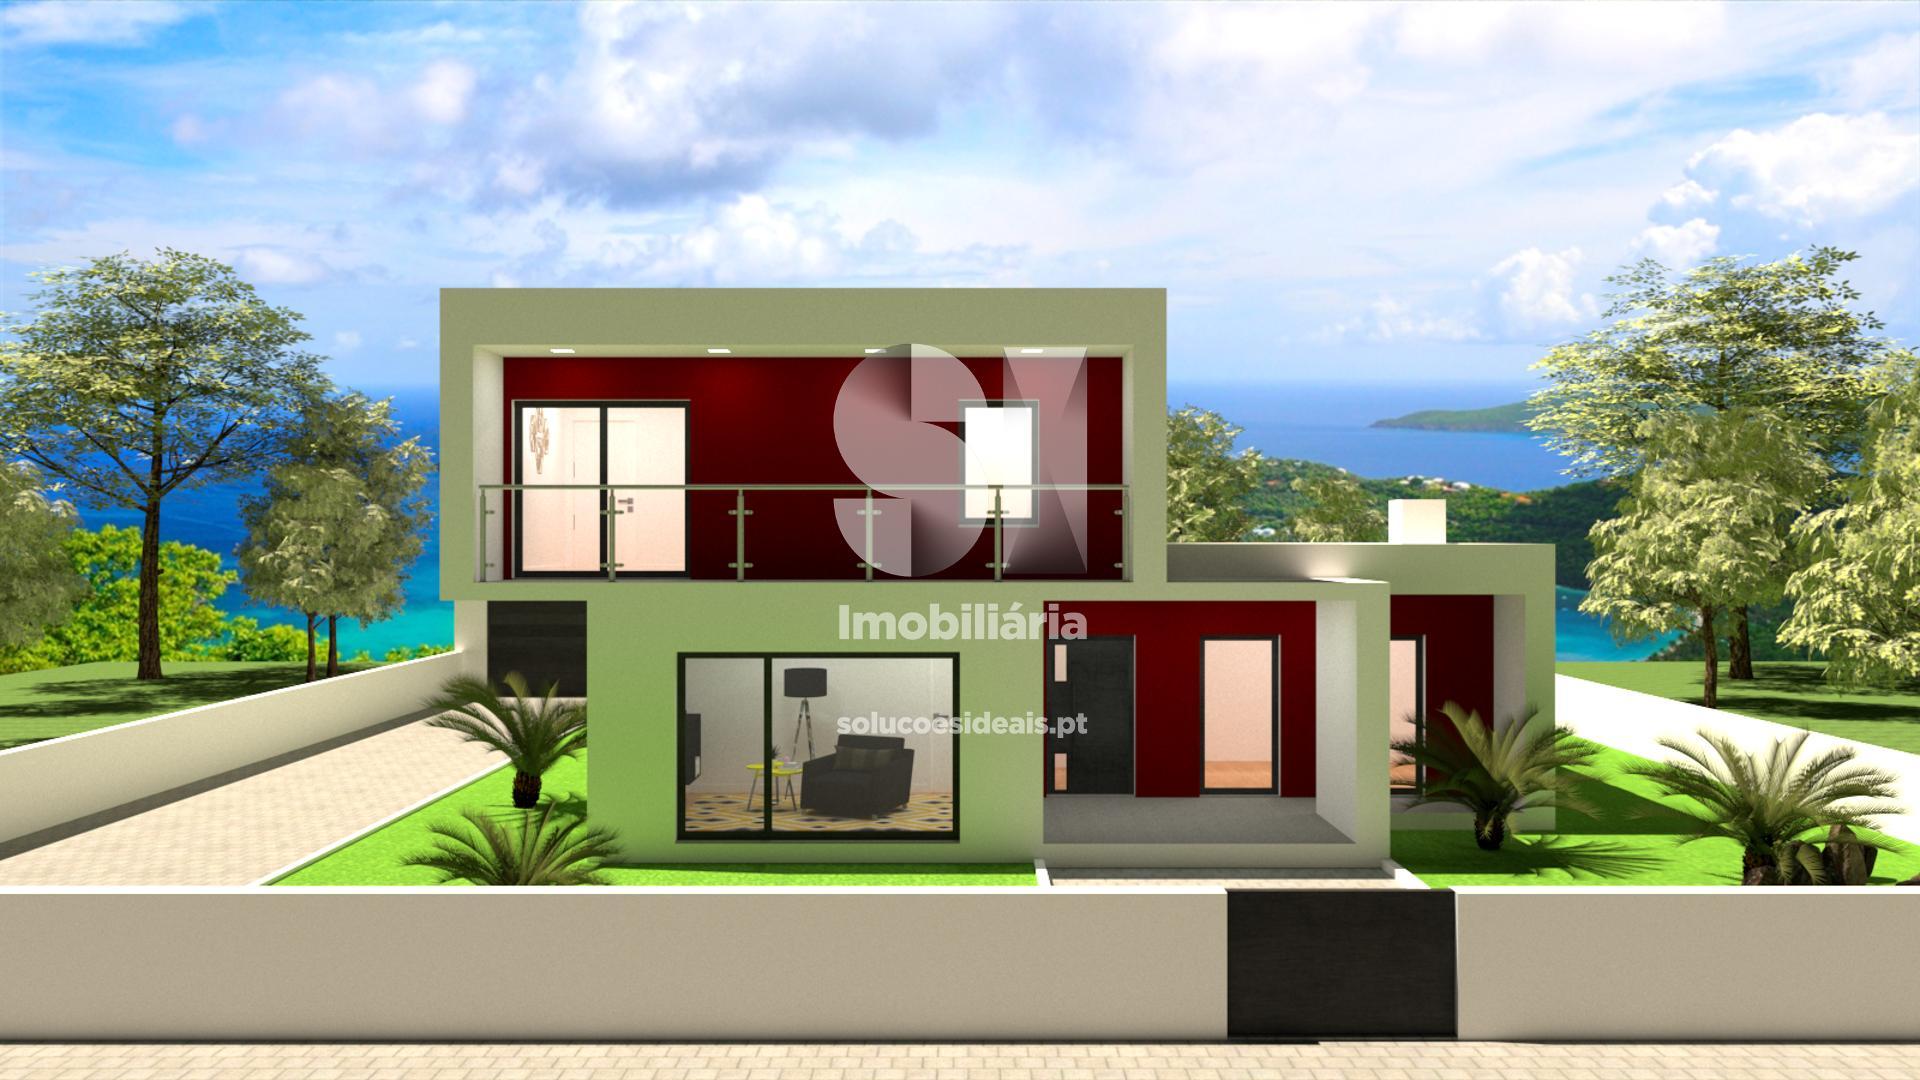 terreno para compra em maia folgosa MCTRG63